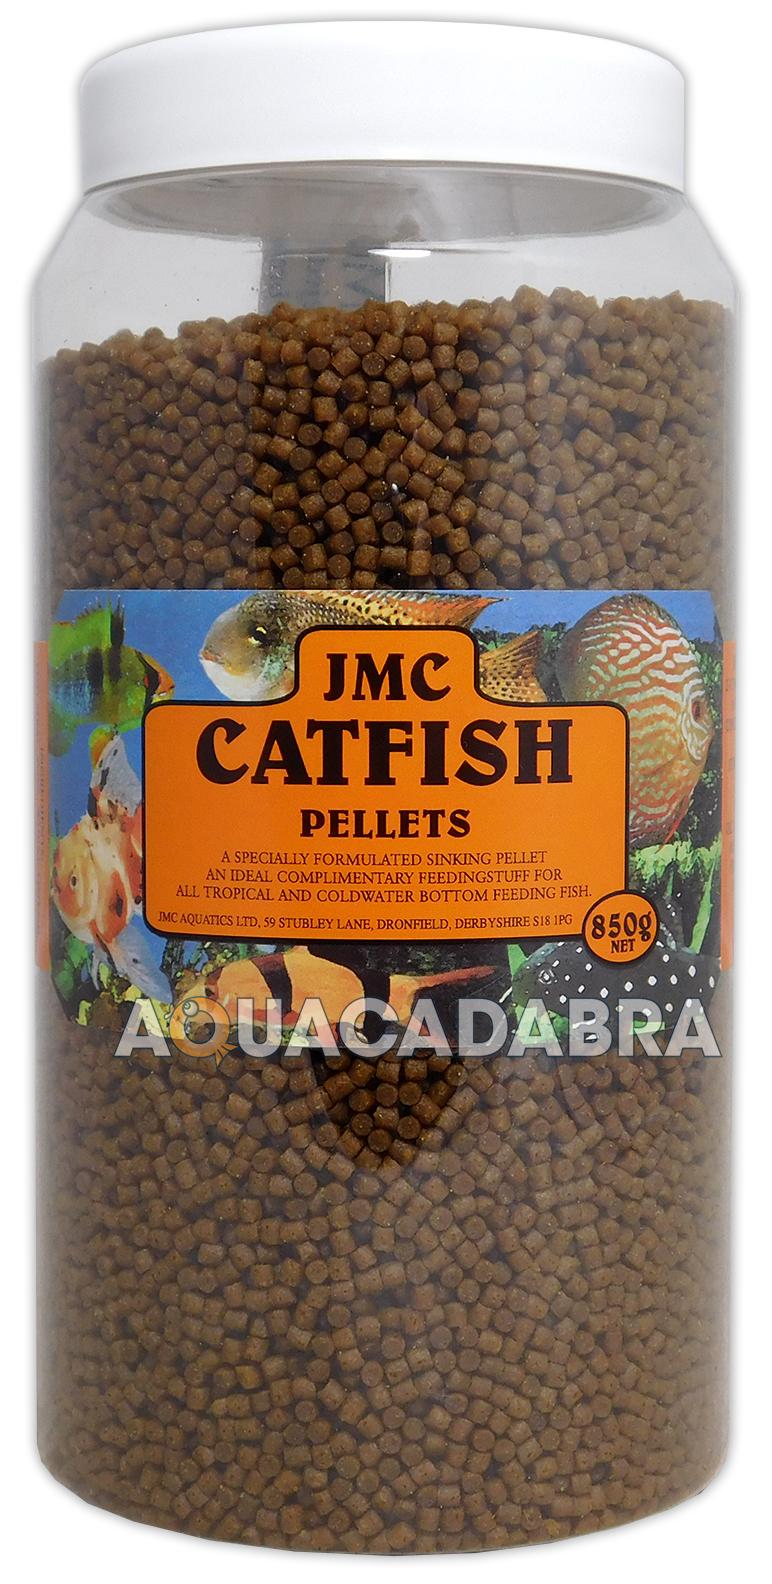 Jmc Catfish Sinking Pellets 100g 200g 400g 850g Food